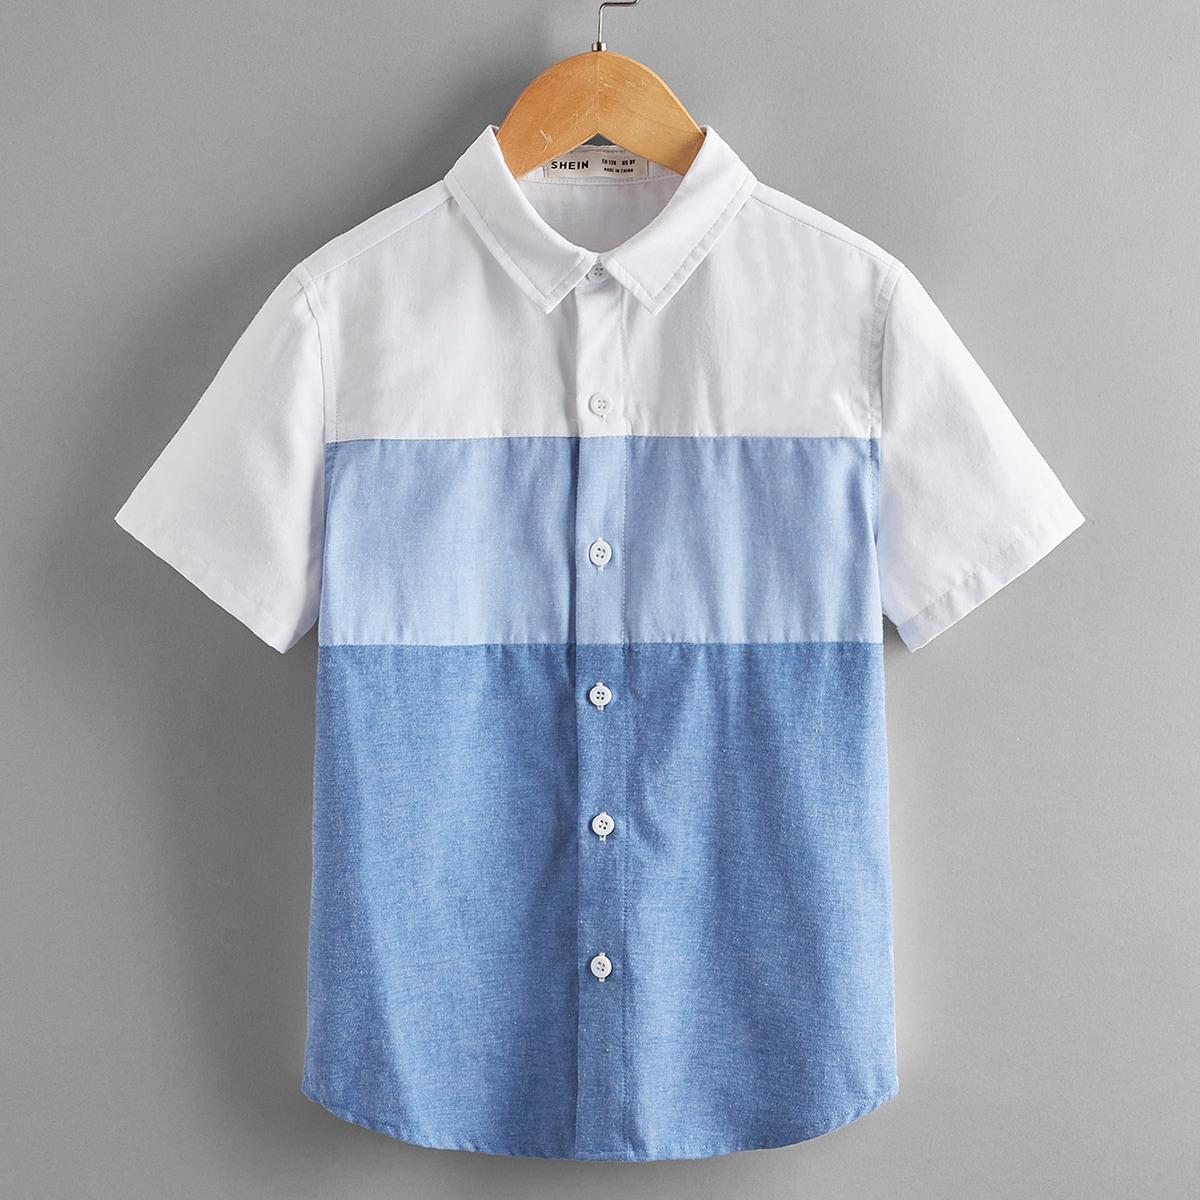 для мальчиков Рубашка Контрастный пуговица